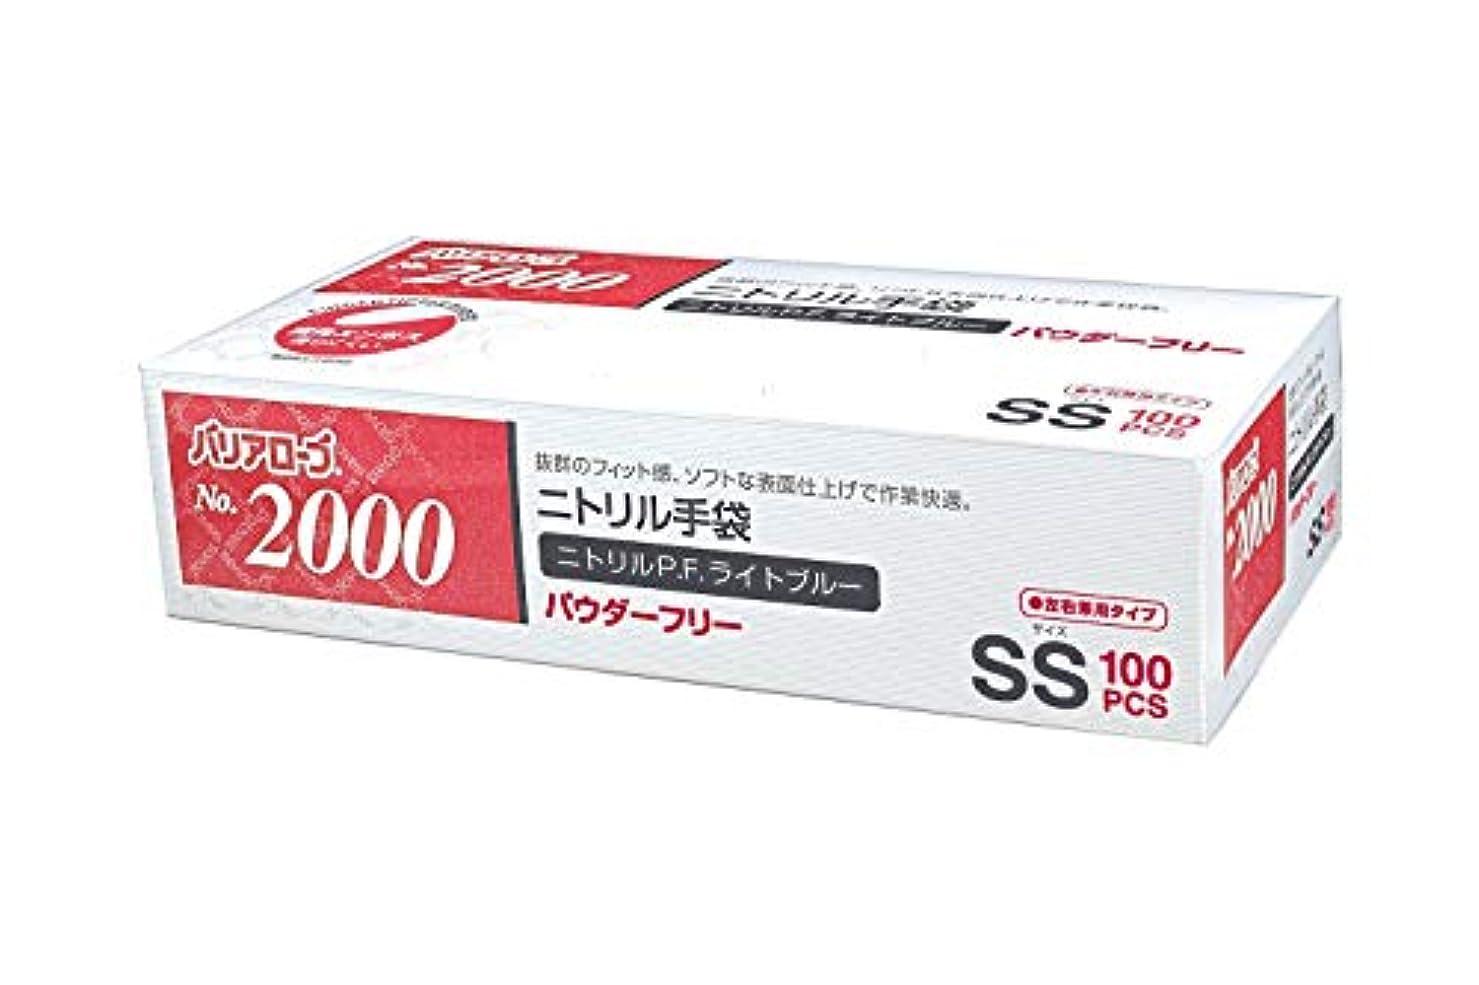 利用可能ラインヘッジ【ケース販売】 バリアローブ №2000 ニトリルP.F.ライト ブルー (パウダーフリー) SS 2000枚(100枚×20箱)